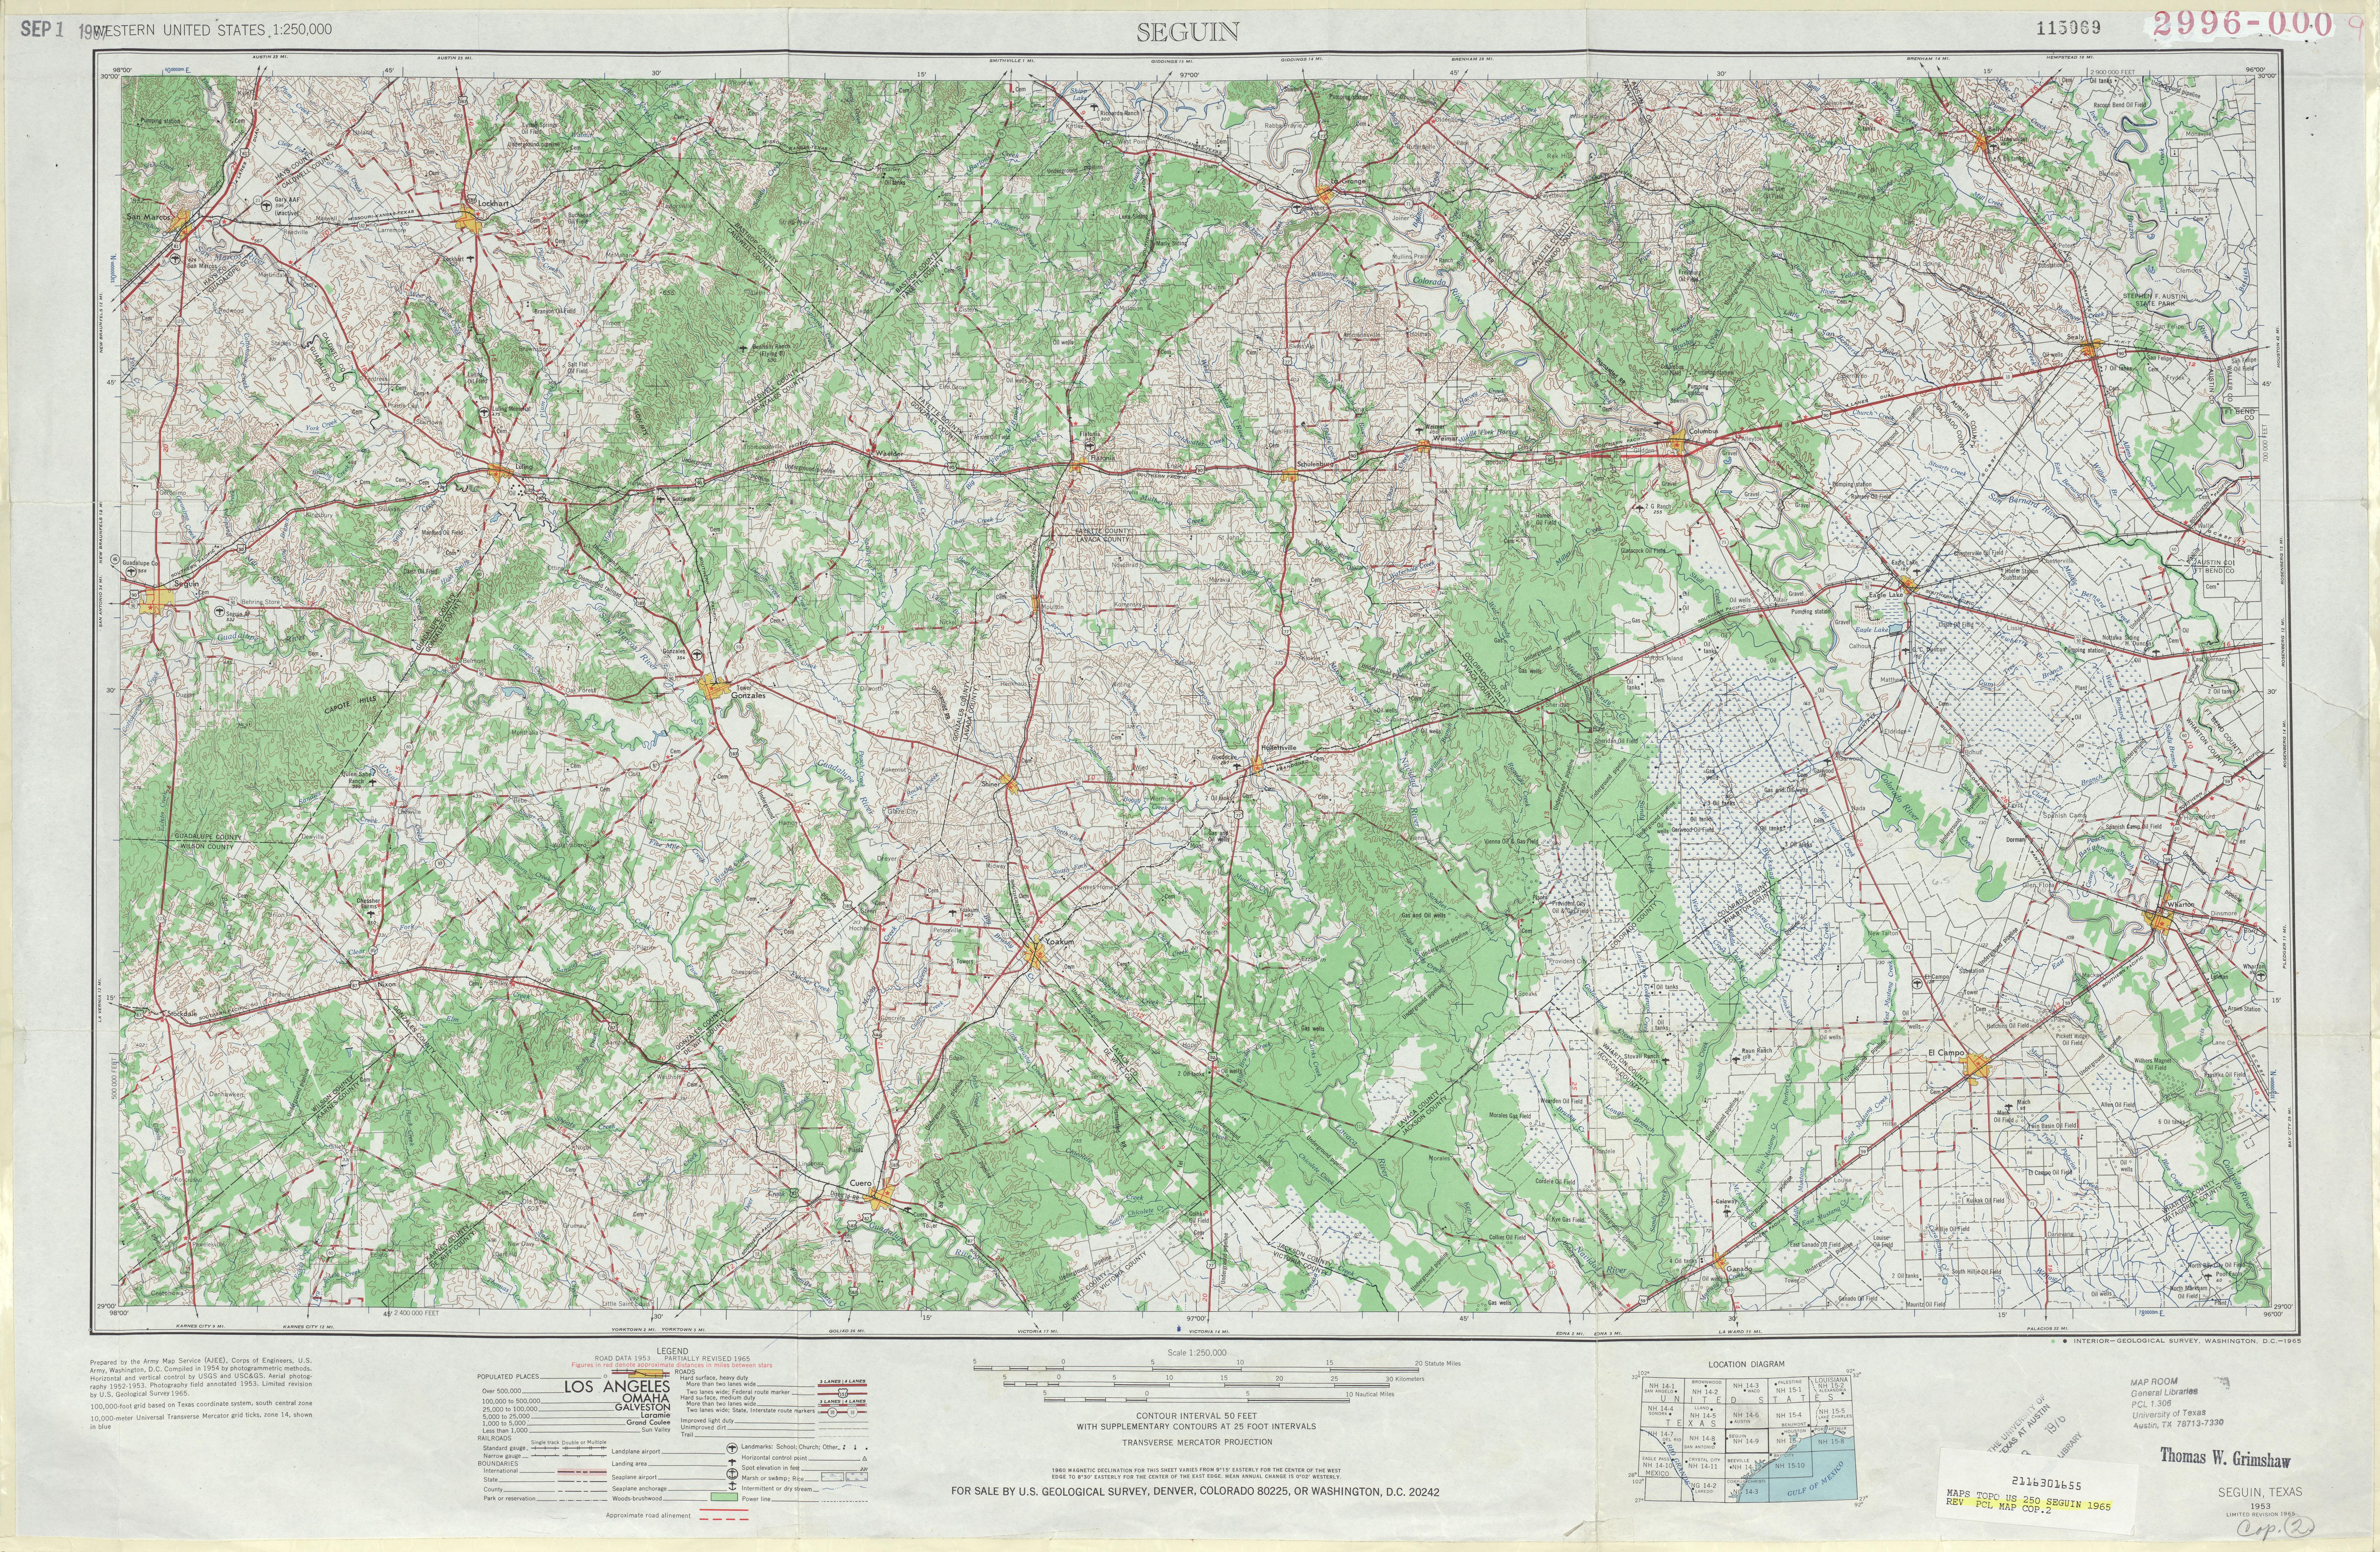 Hoja Seguin del Mapa Topográfico de los Estados Unidos 1965